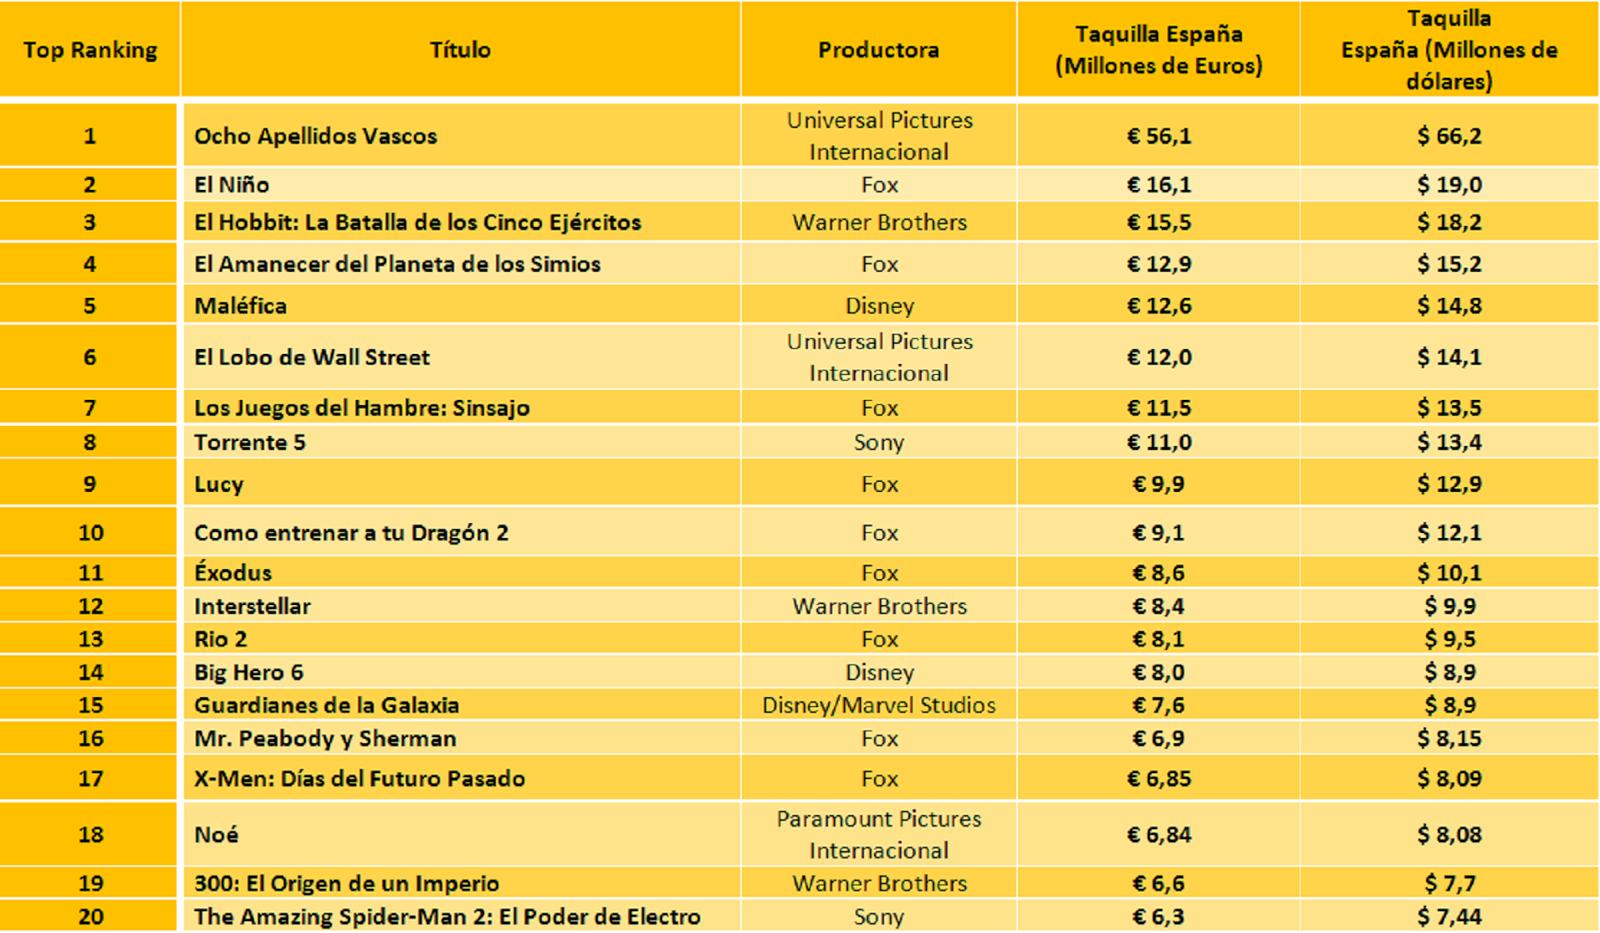 películas más taquilleras en España 2014